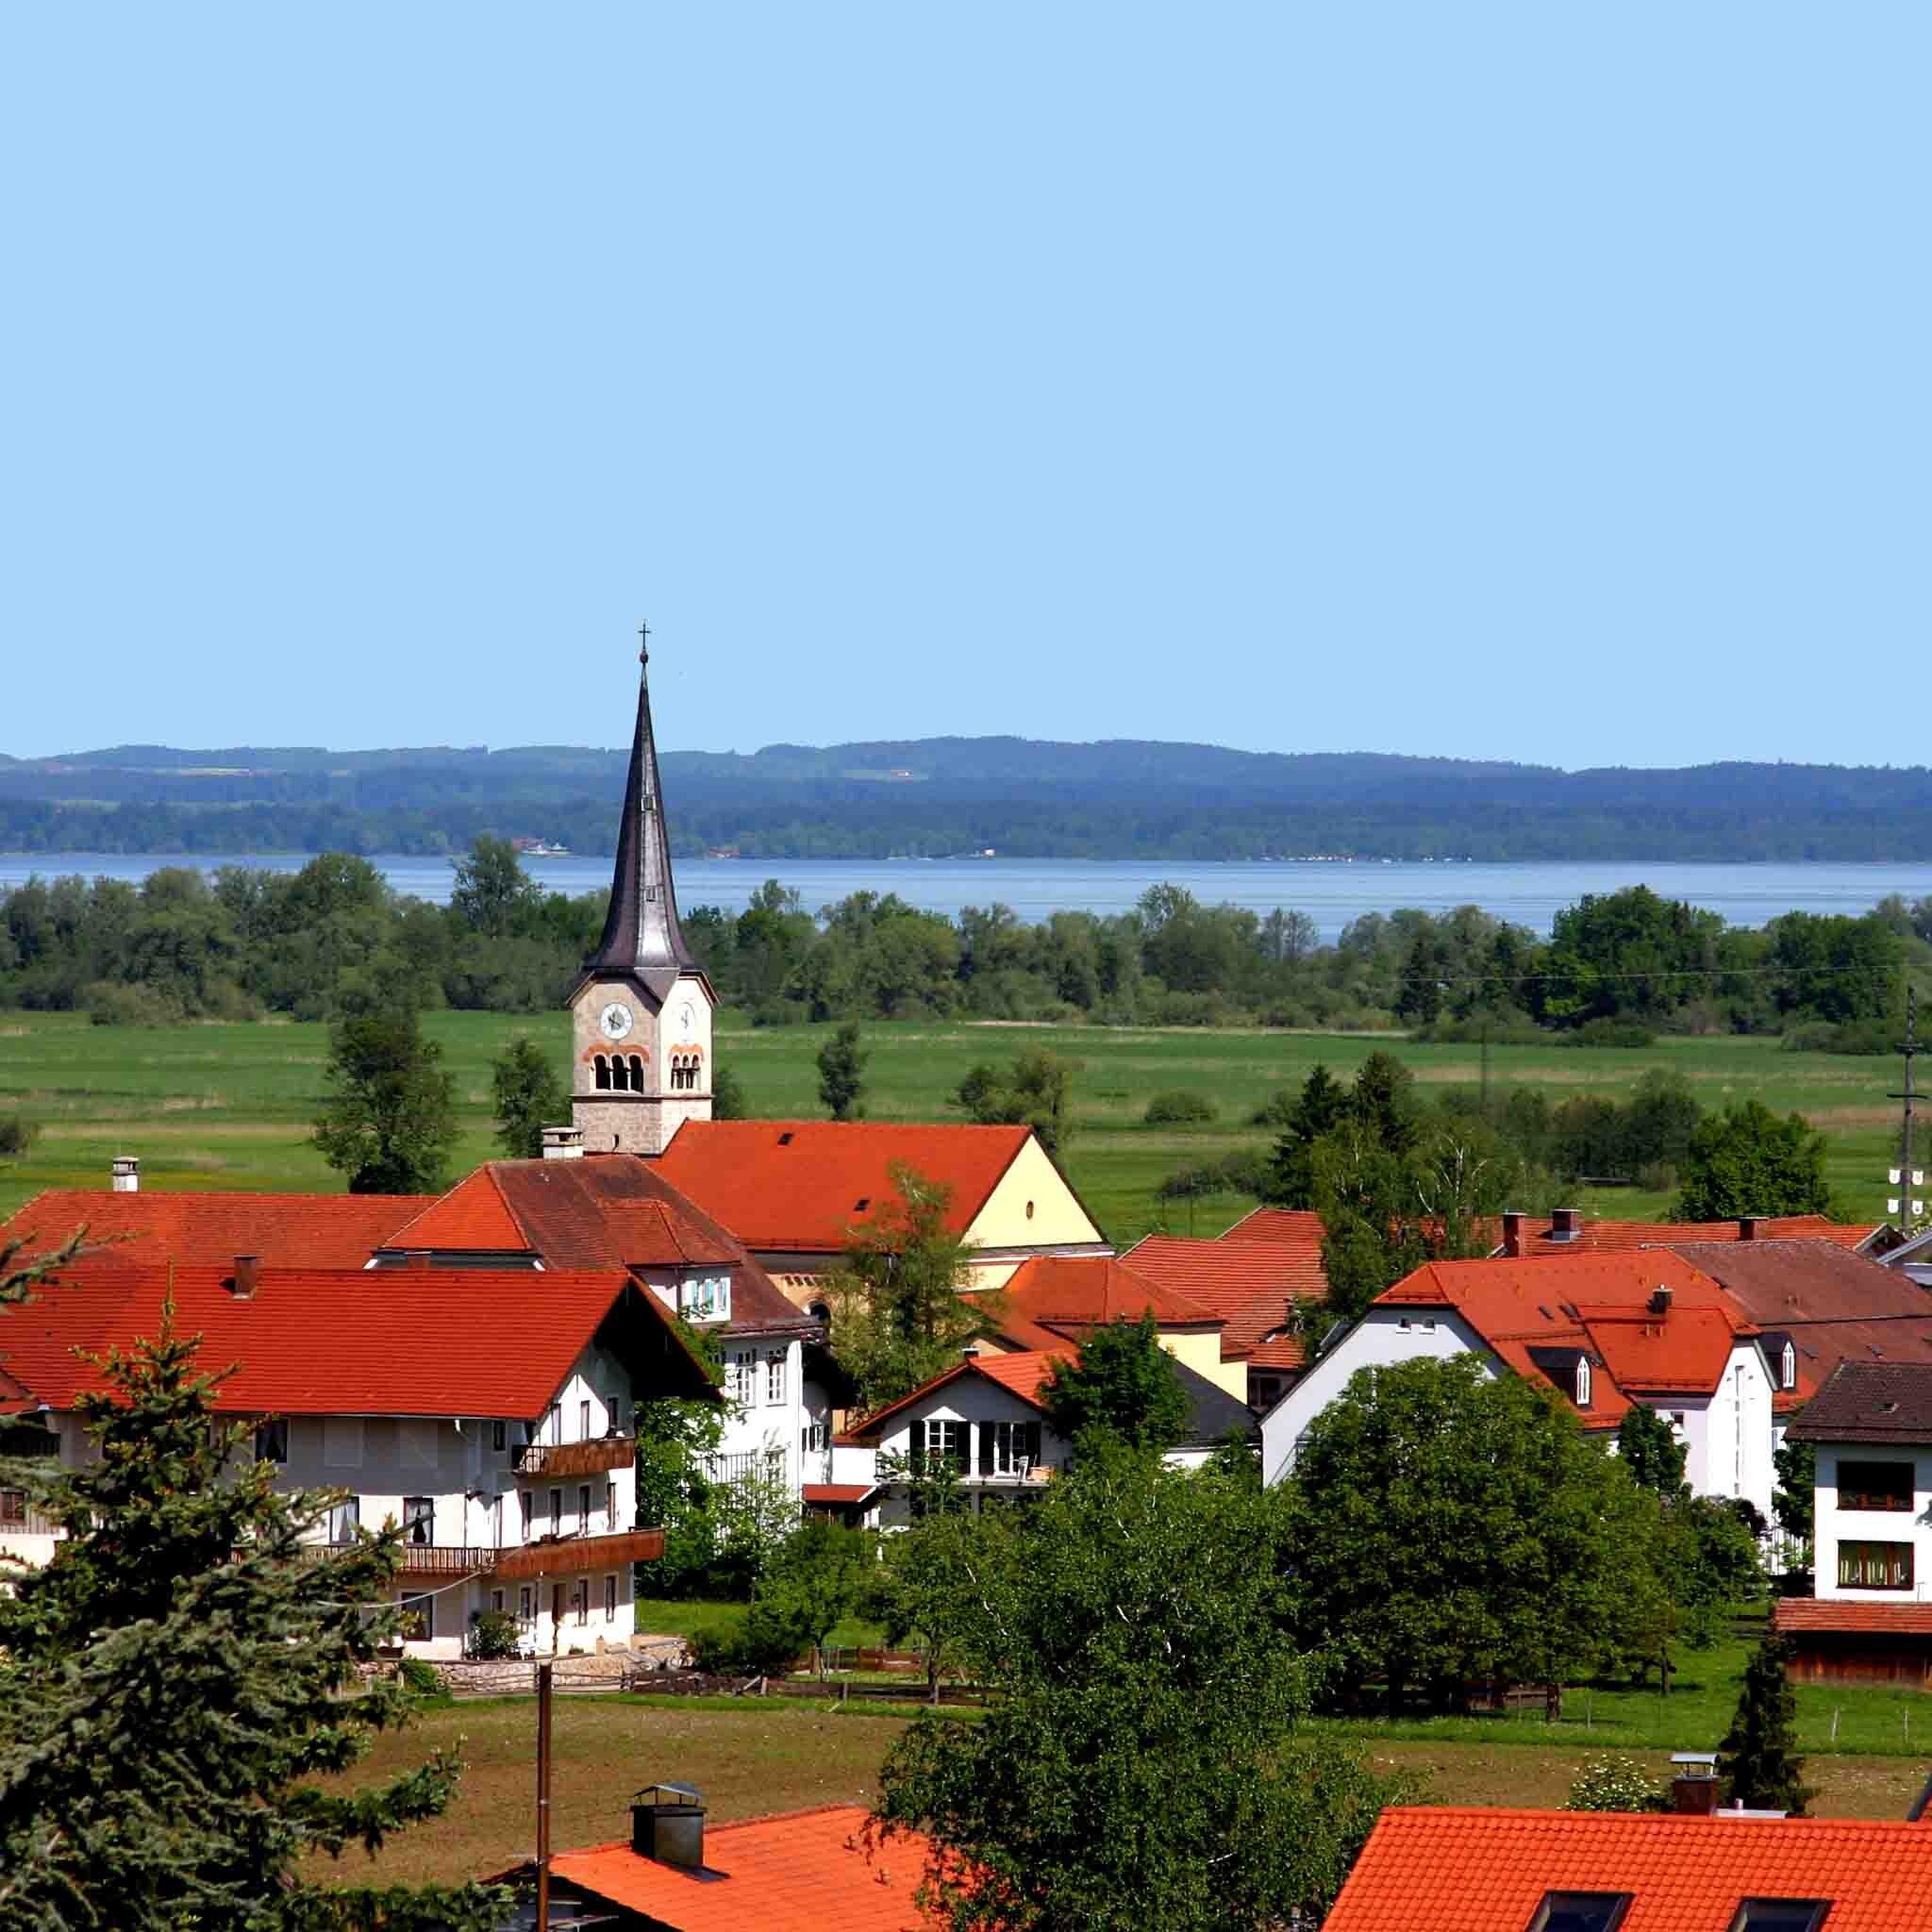 Historische Dorfwanderung mit Ortsheimatpfleger Gustl Lex